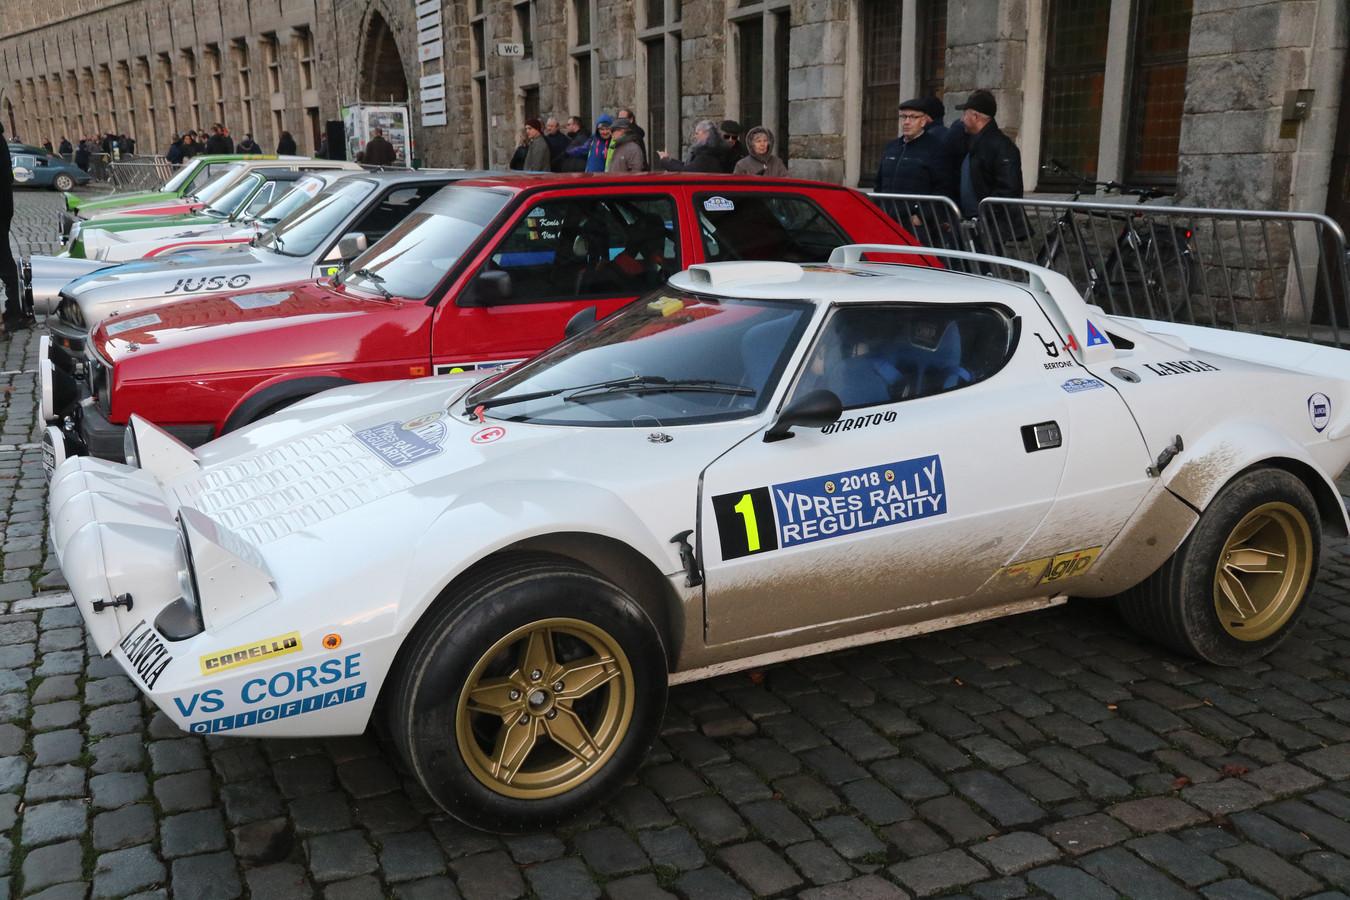 Aan de Ypres Historic Regularity namen vorig jaar mooie bolides deel, zoals deze Lancia Stratos.